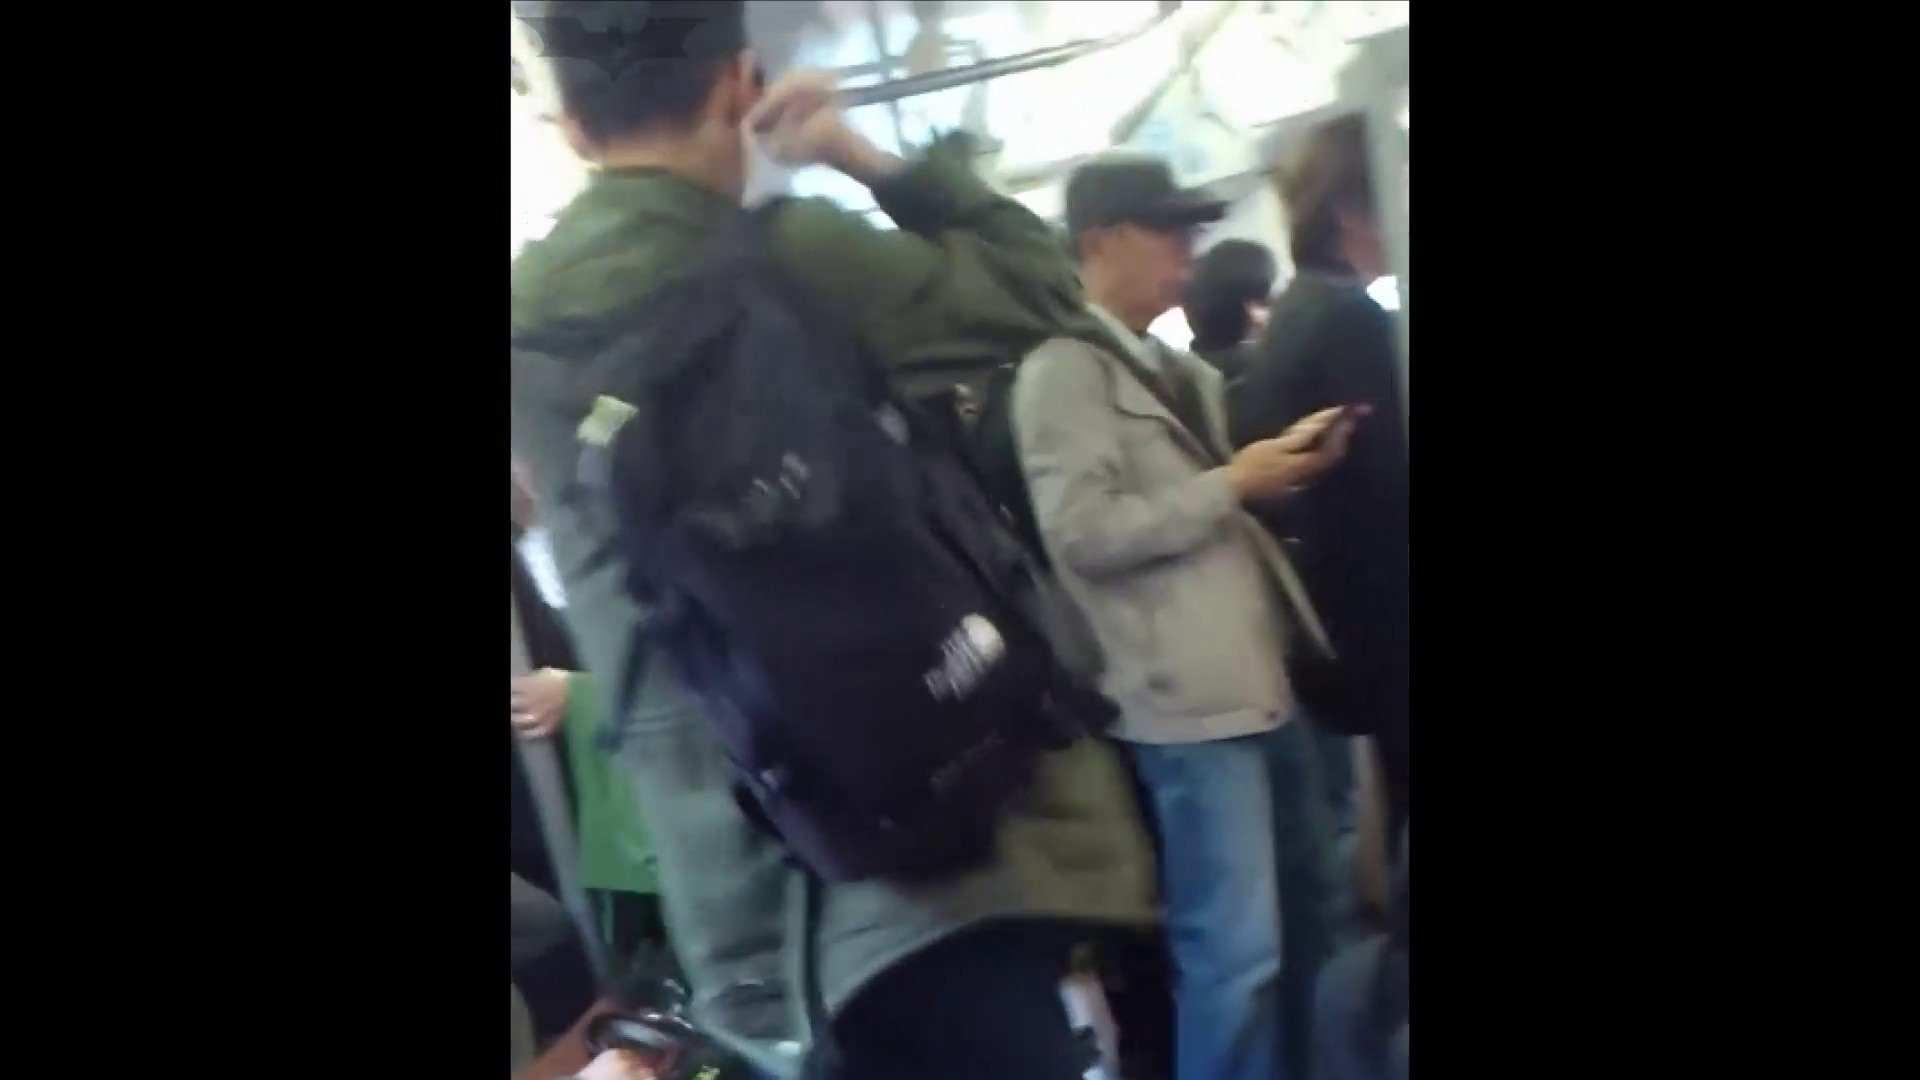 盗撮列車 Vol.14 お嬢様のバックプリントパンツ 隠れた名作 AV動画キャプチャ 99枚 8